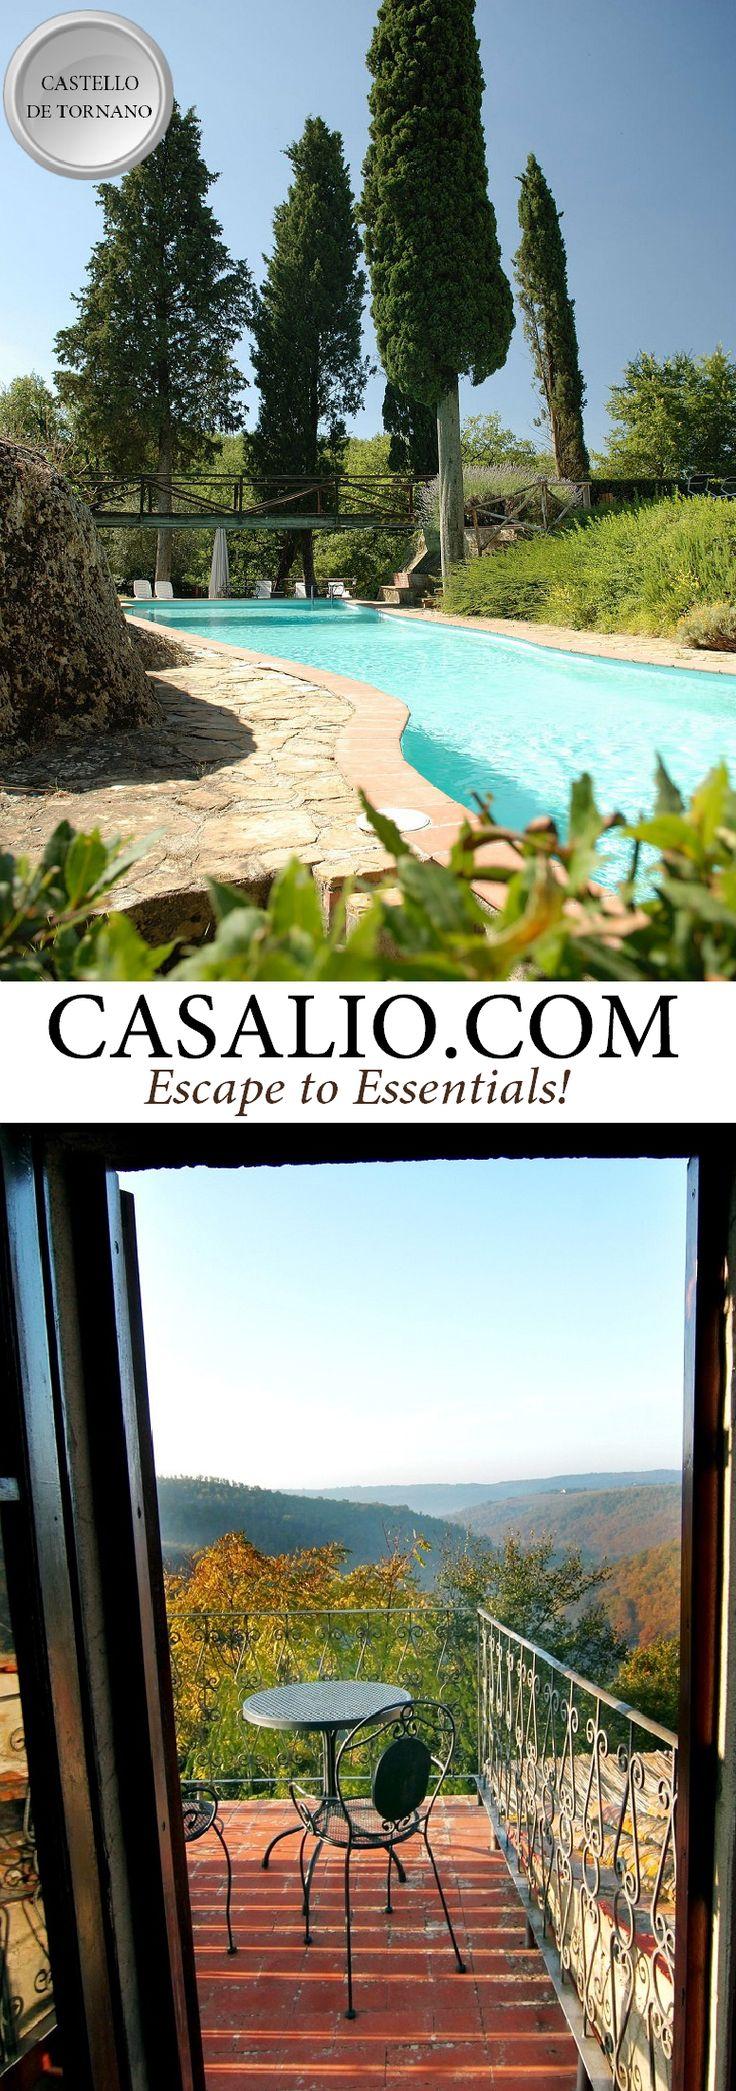 Ferienvilla   Villa Rental Ferienhaus   Luxury Villa Rental. Italian Weddings. Italian Hotel   Villa Rental   Castello di Tornano    Italy - Siena    25 rooms, pool…